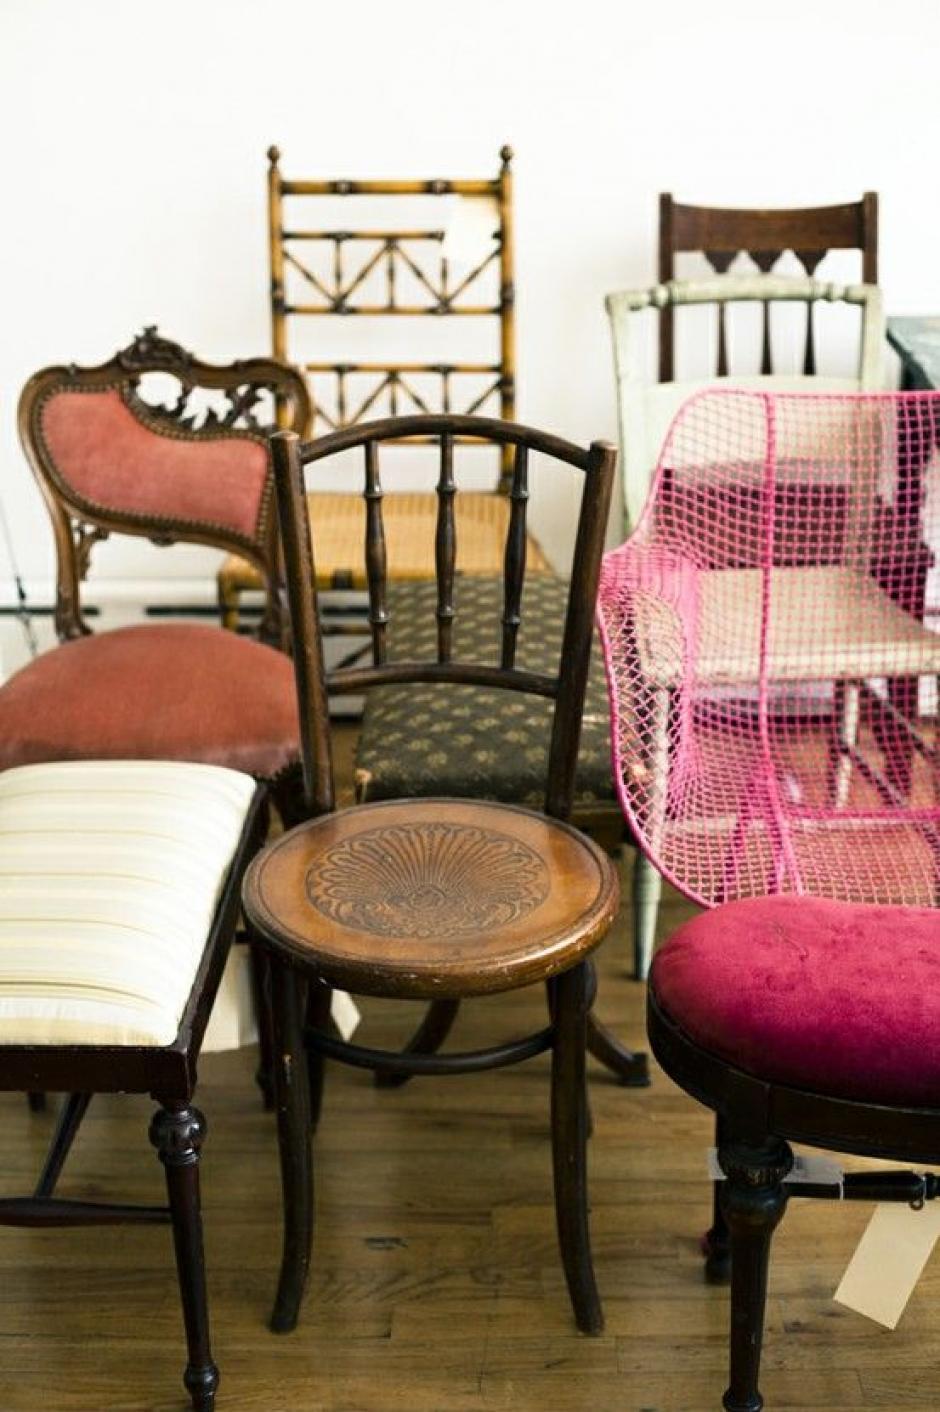 Fusiona e integra: Si cuentas con varios muebles antiguos pero diferente estilo, puedes crear un espacio bastante interesante dejando siempre la pieza con su esencia antigua.